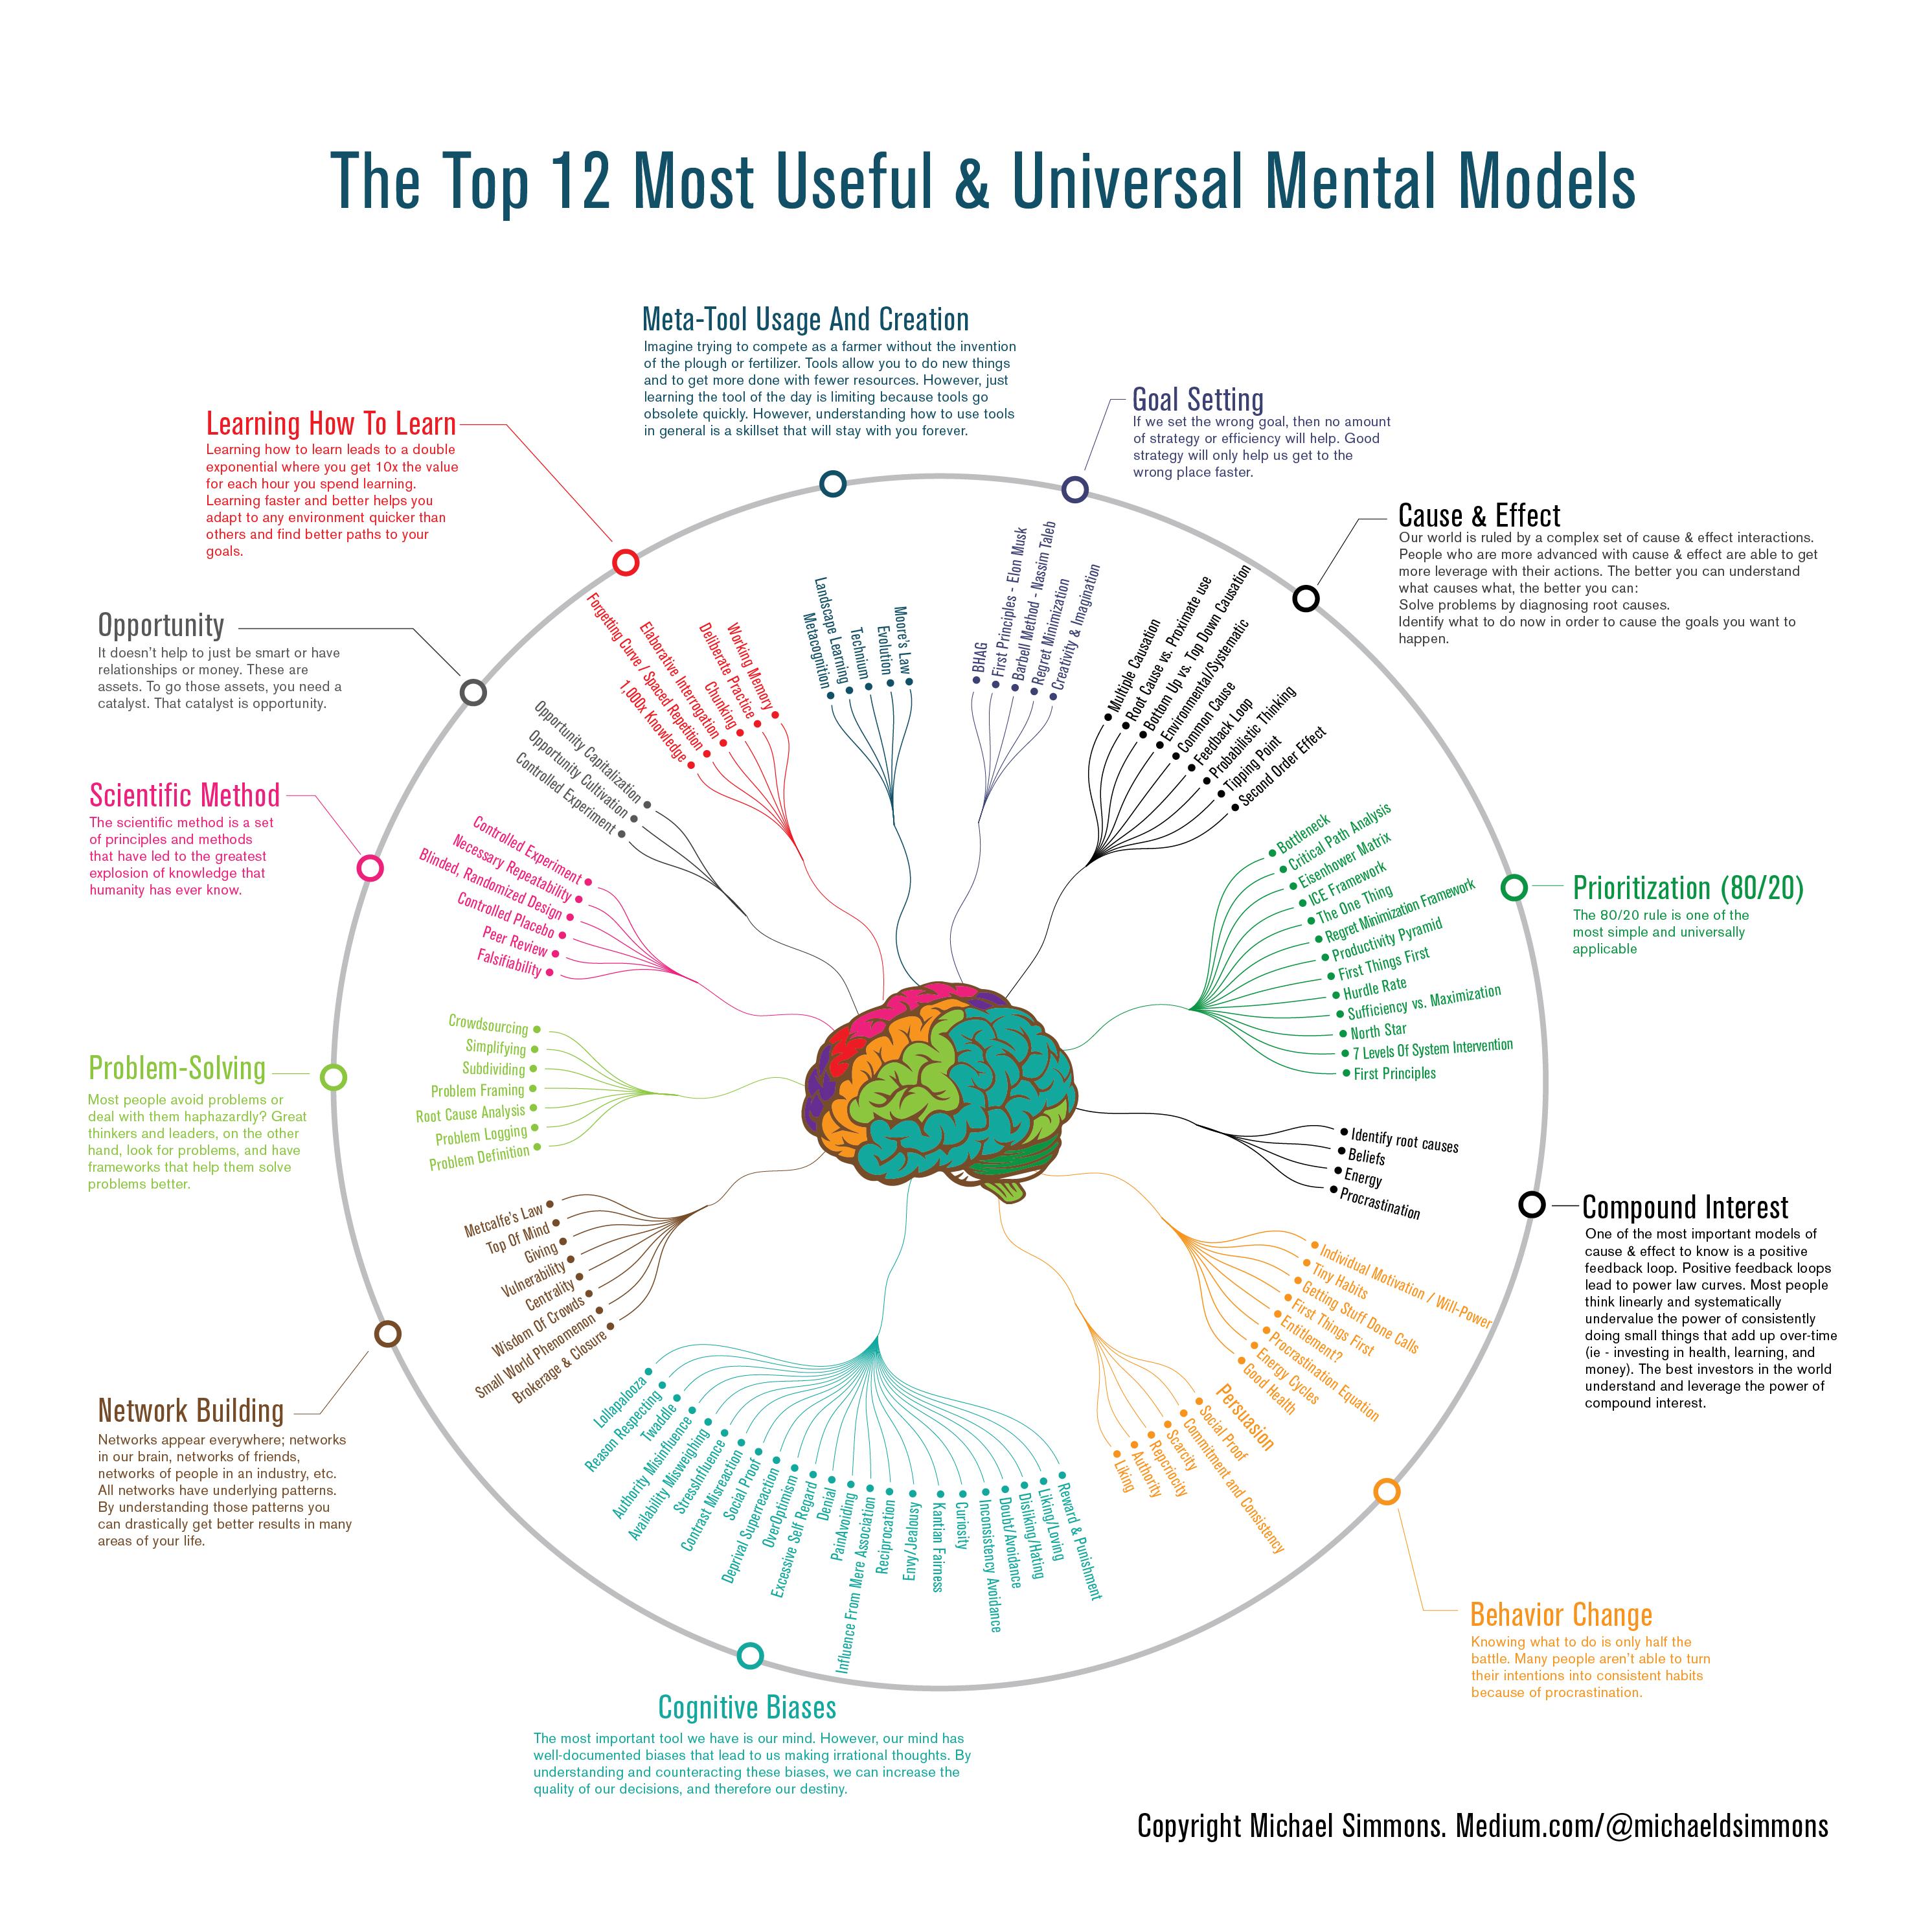 Become Smarter - Mental Models